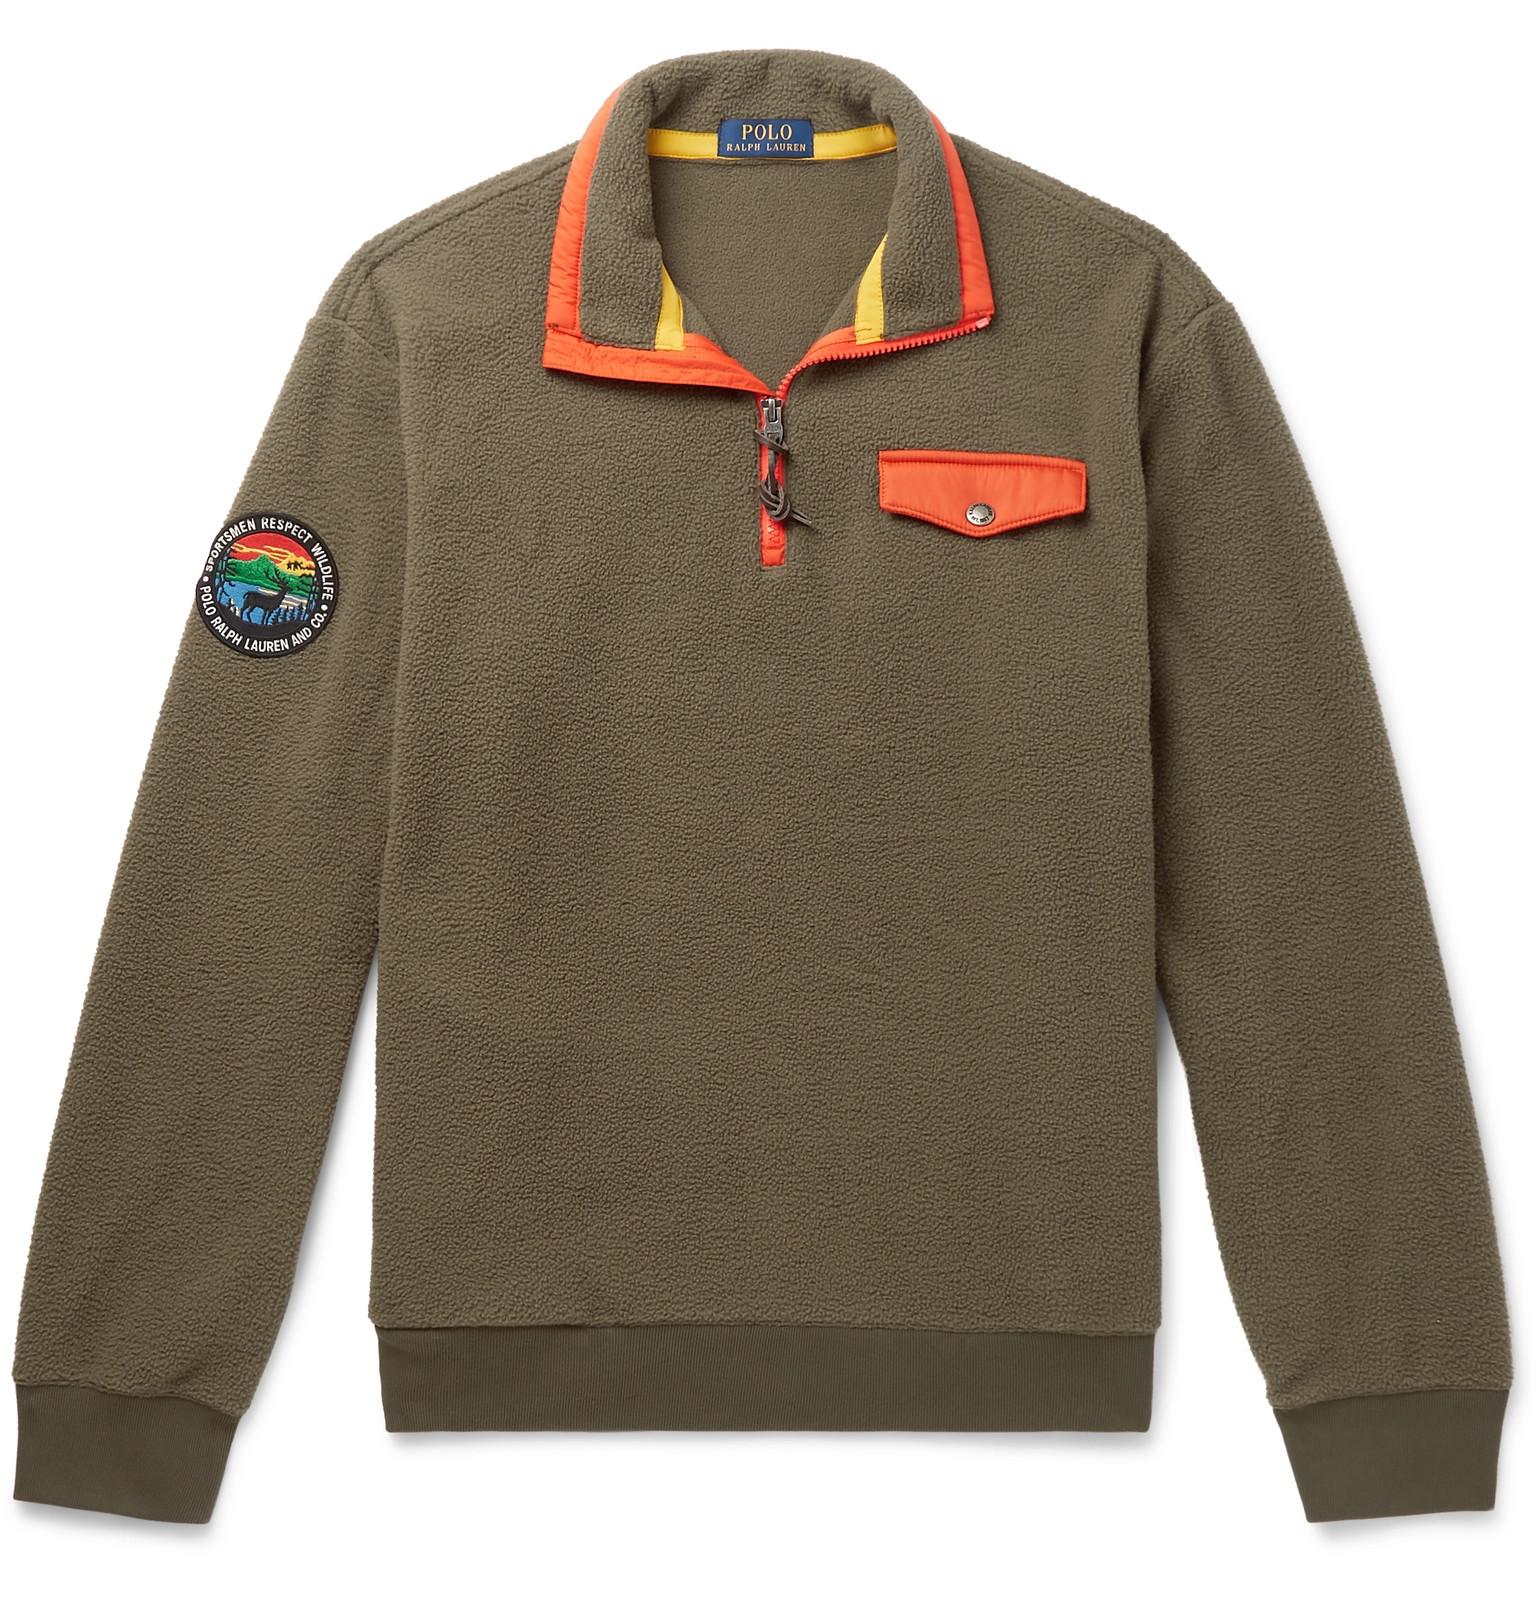 53d2d141e Polo Ralph Lauren - Contrast-Trimmed Fleece Half-Zip Sweatshirt